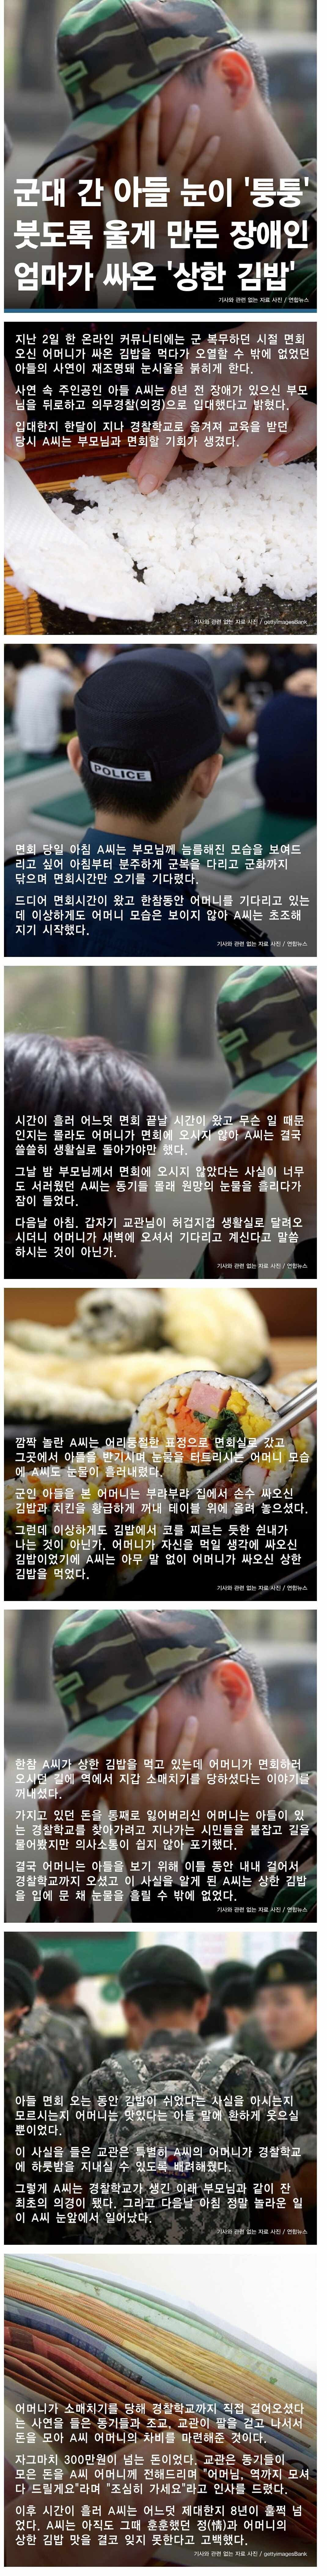 엄마의 김밥...